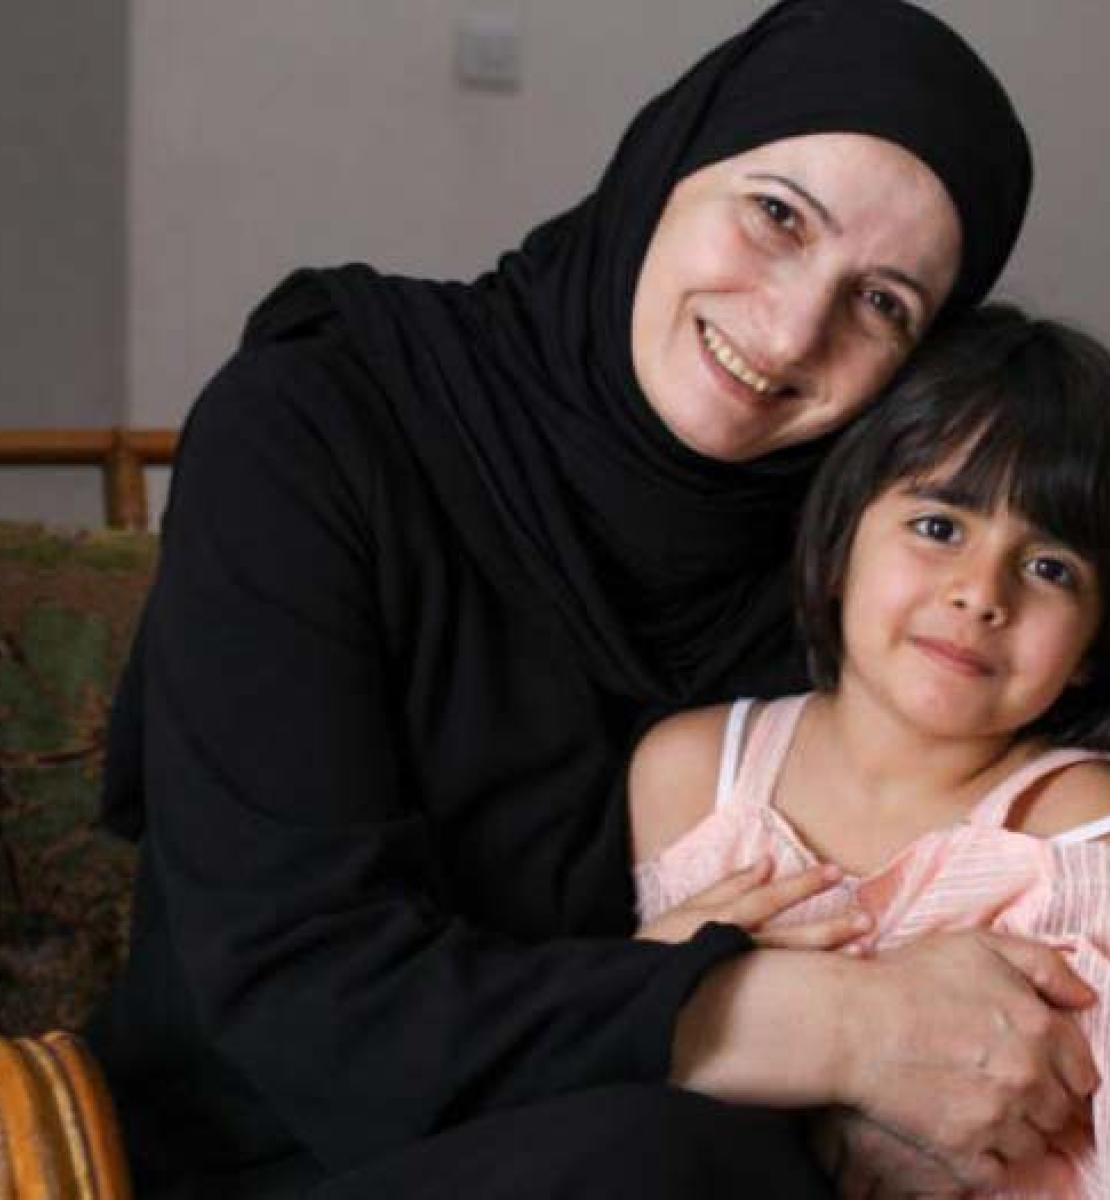 Гада радостно улыбается в камеру, с гордостью обнимая свою младшую дочь, которая также улыбается в камеру.